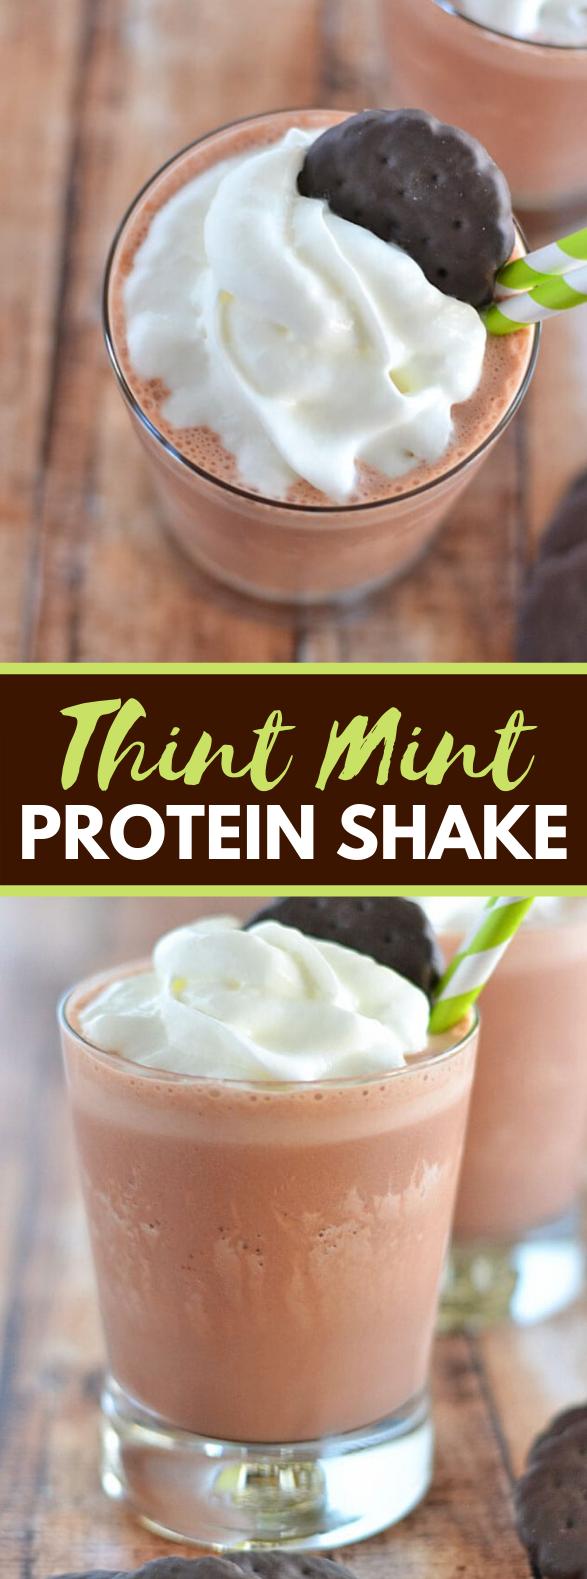 Thin Mint Protein Shake #drinks #weightwatchers